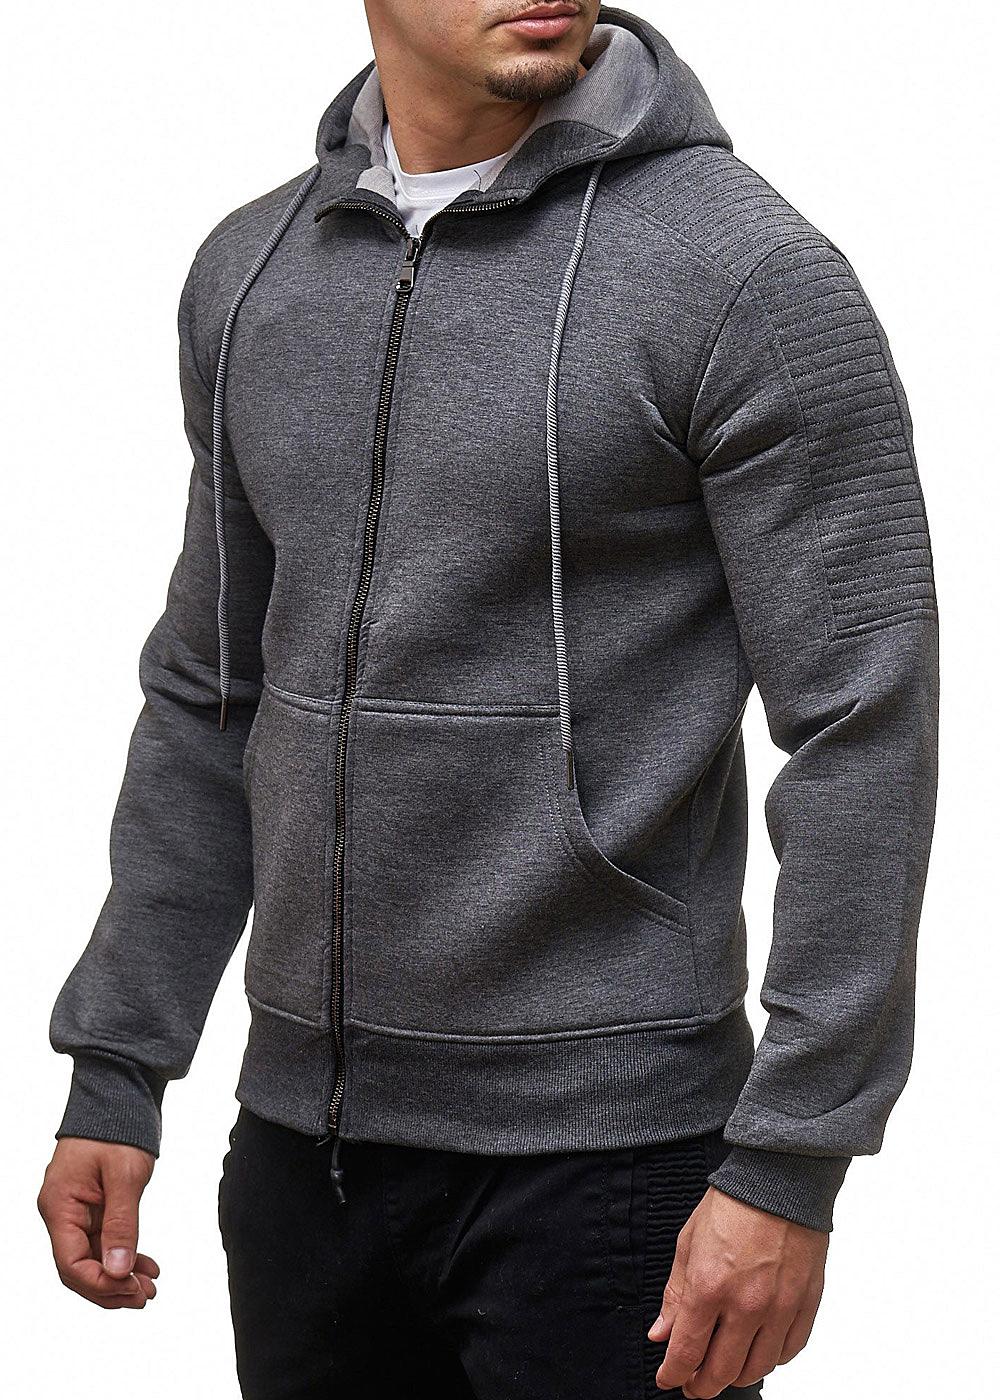 seventyseven lifestyle herren zip hoodie kapuze 2 taschen streifen arm dunkel grau 77onlineshop. Black Bedroom Furniture Sets. Home Design Ideas